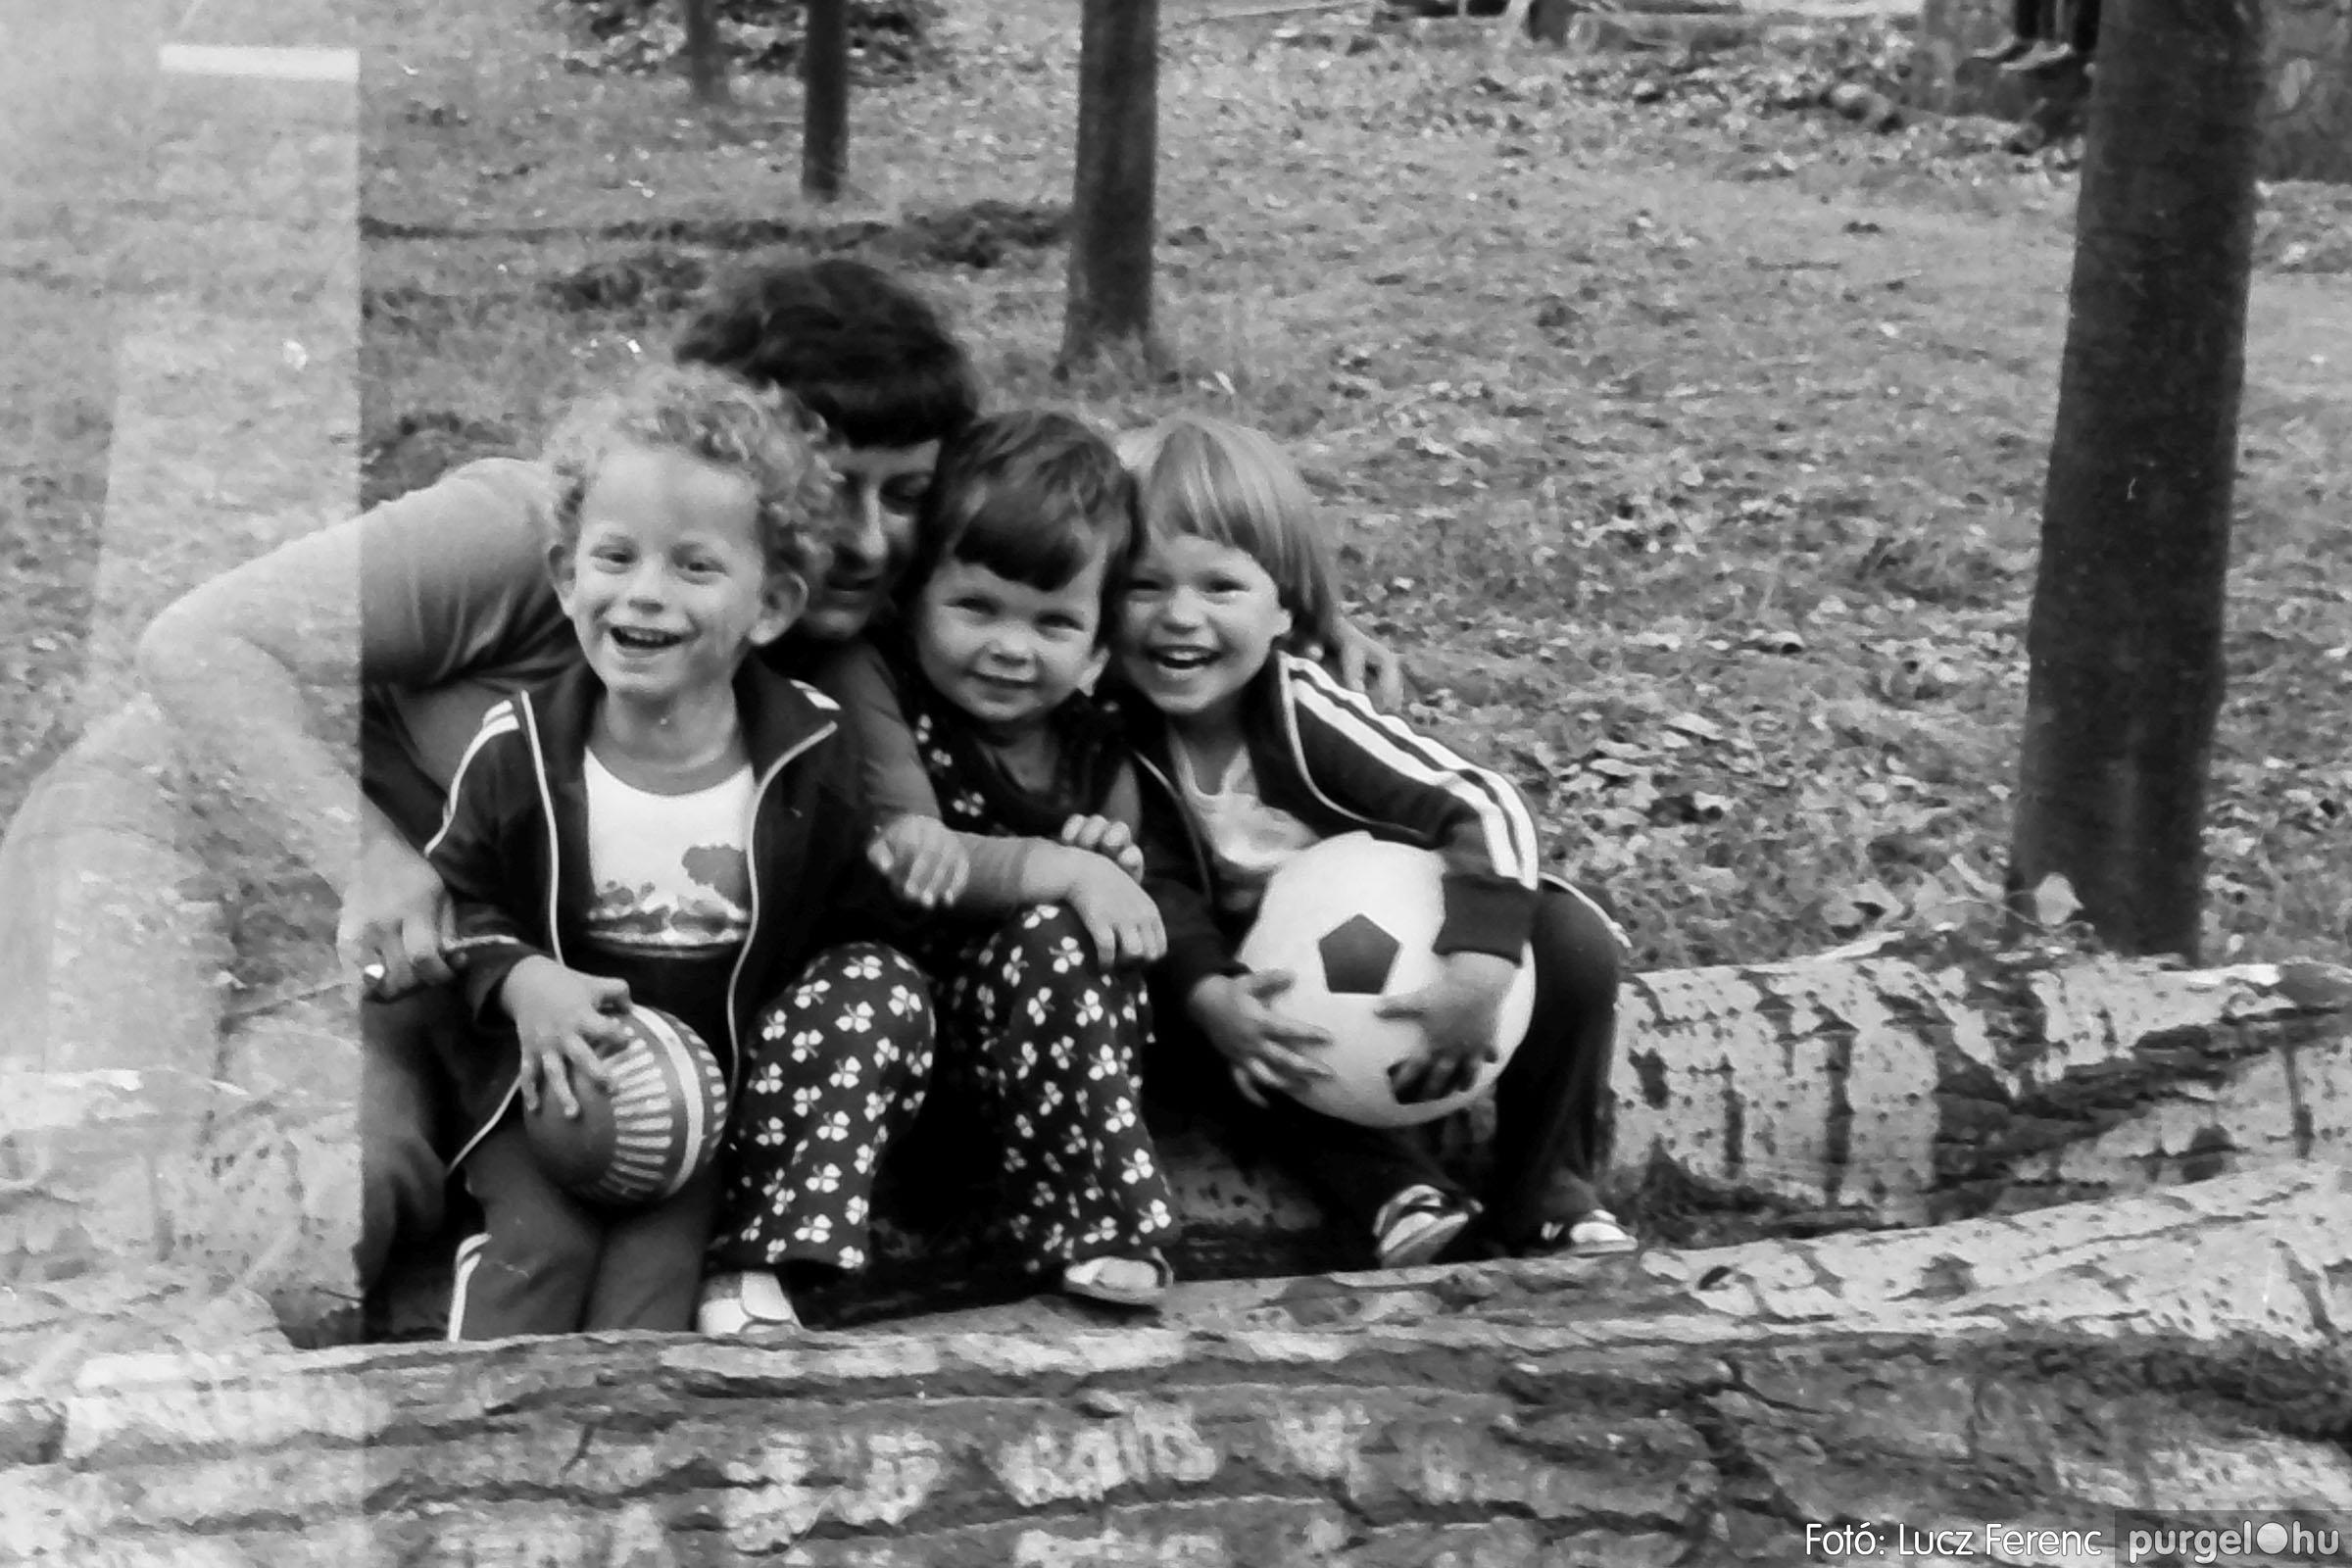 116. 1978. Kötélhúzás a sportpályán 012. - Fotó: Lucz Ferenc.jpg